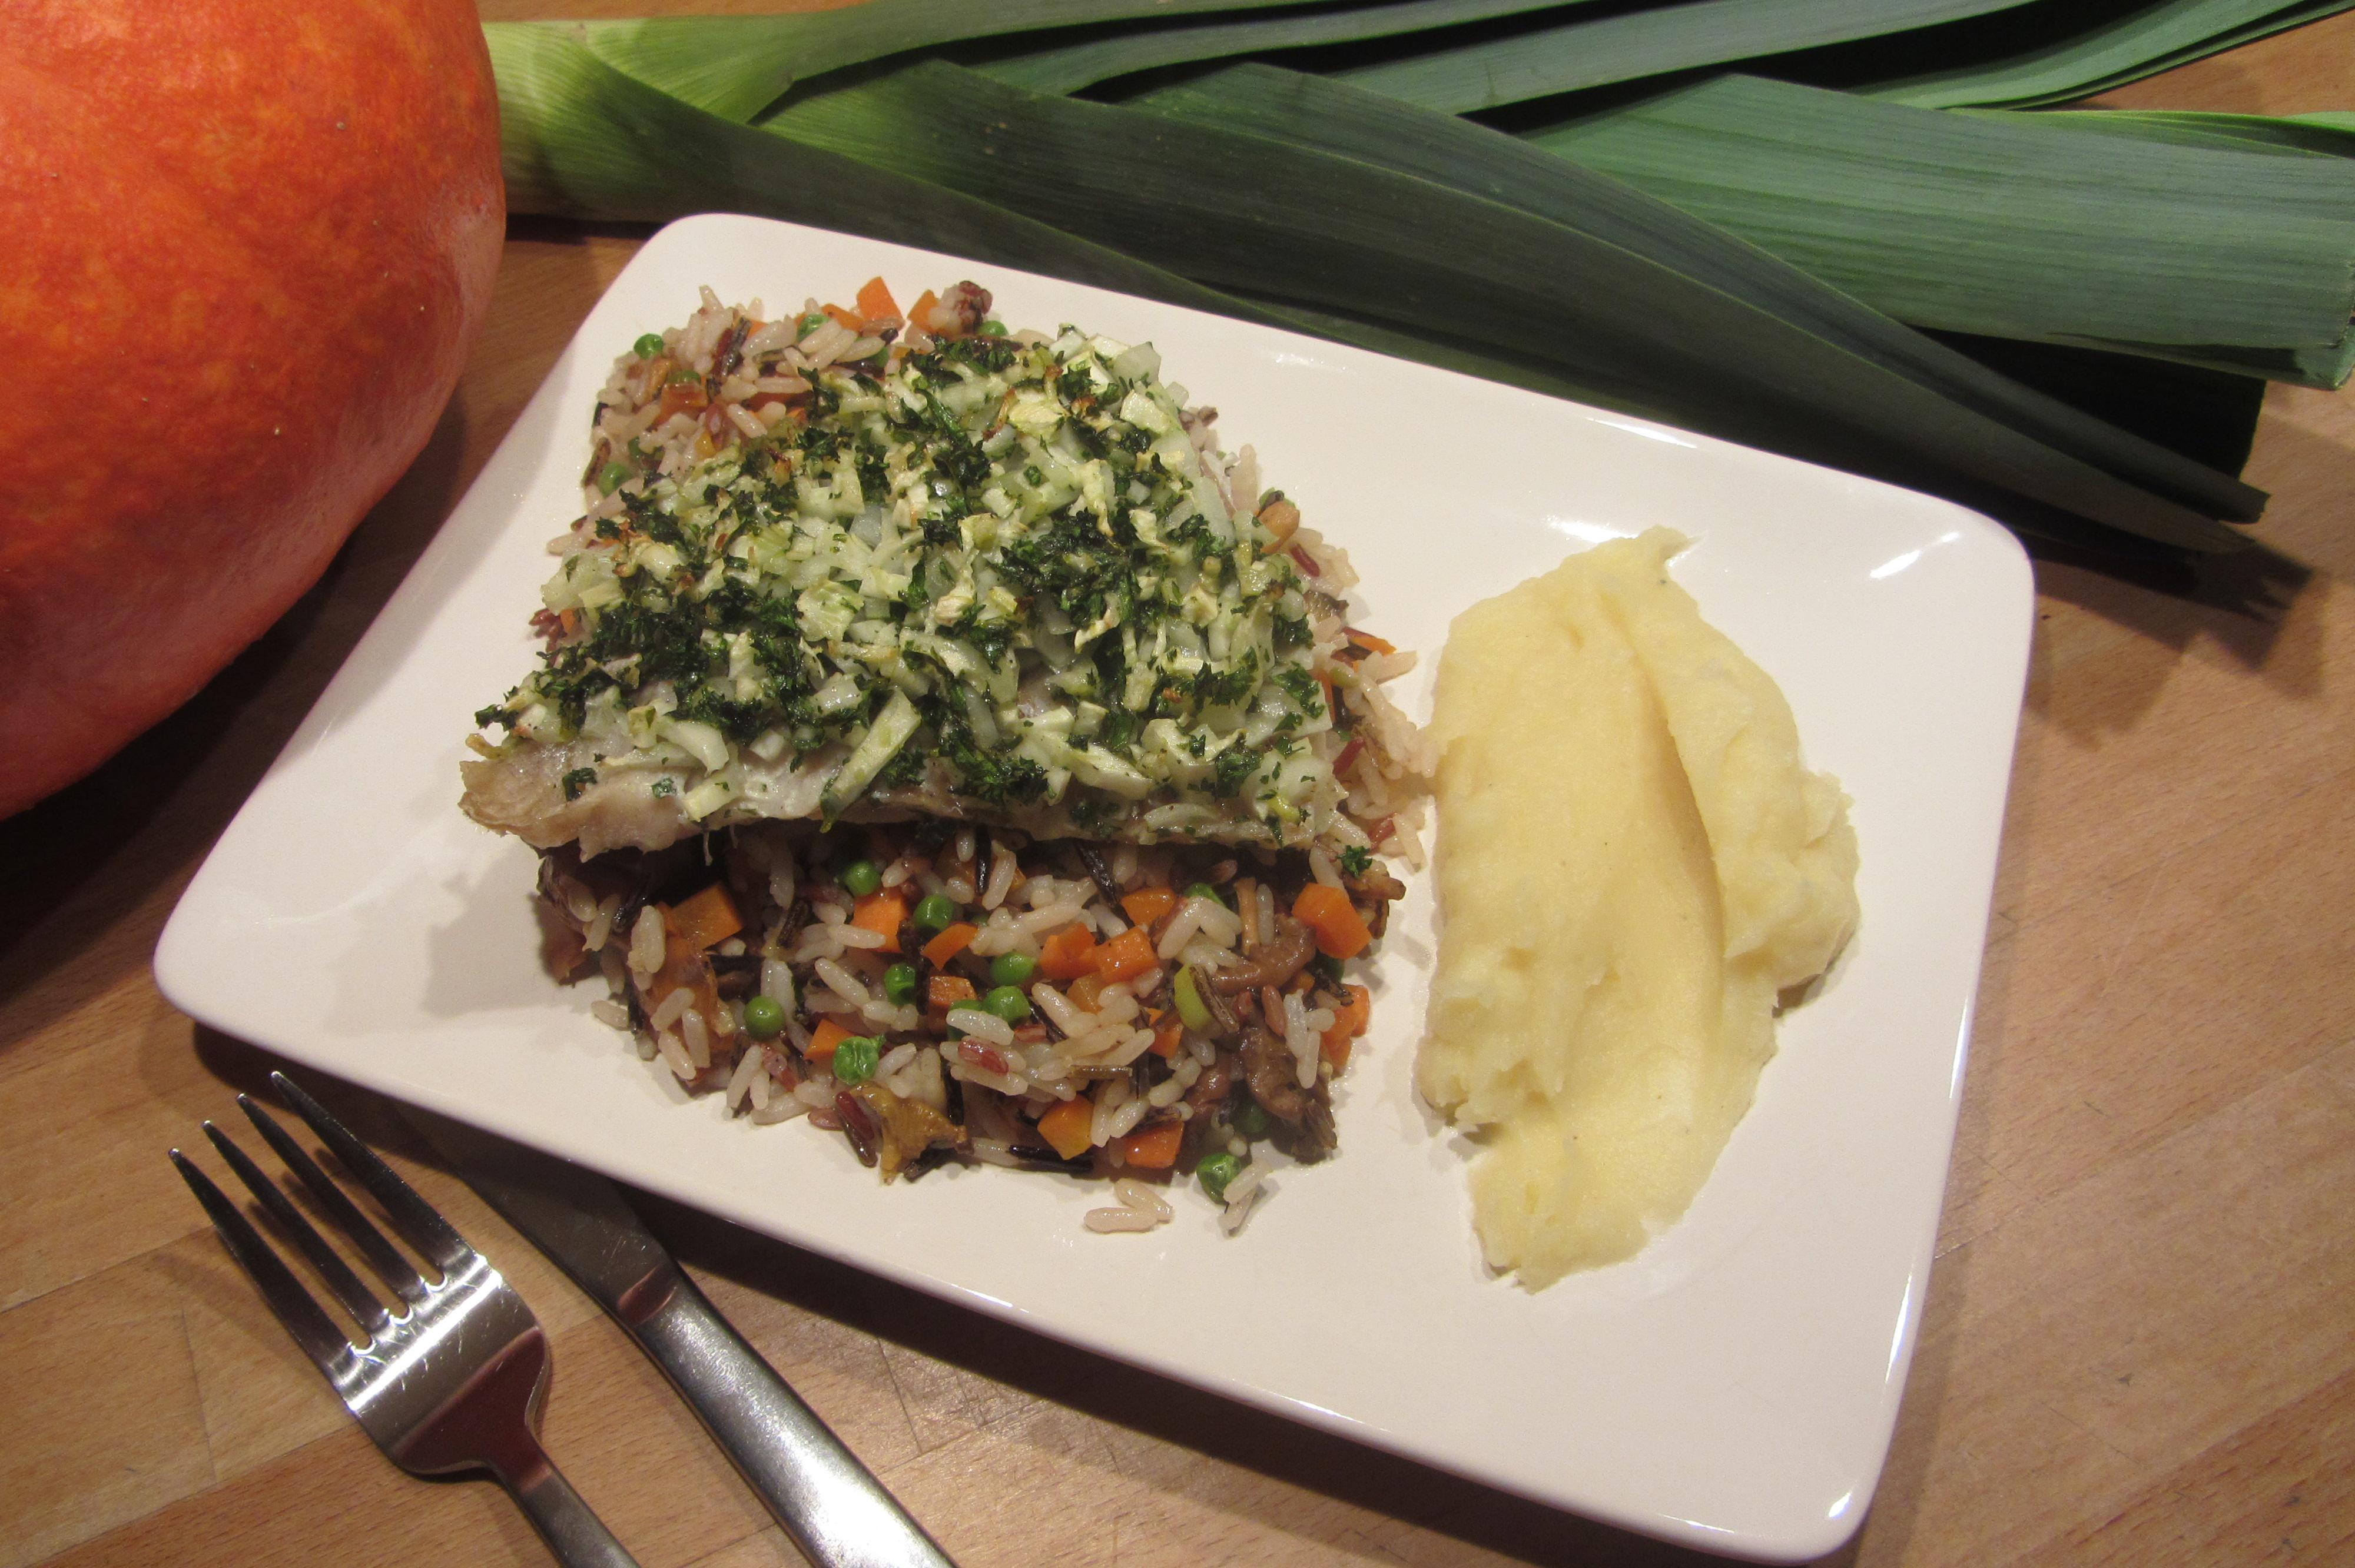 Zwarte polakfilet met venkelkorstje, wilde rijst met herfstgroentjes en pastinaakzalfje